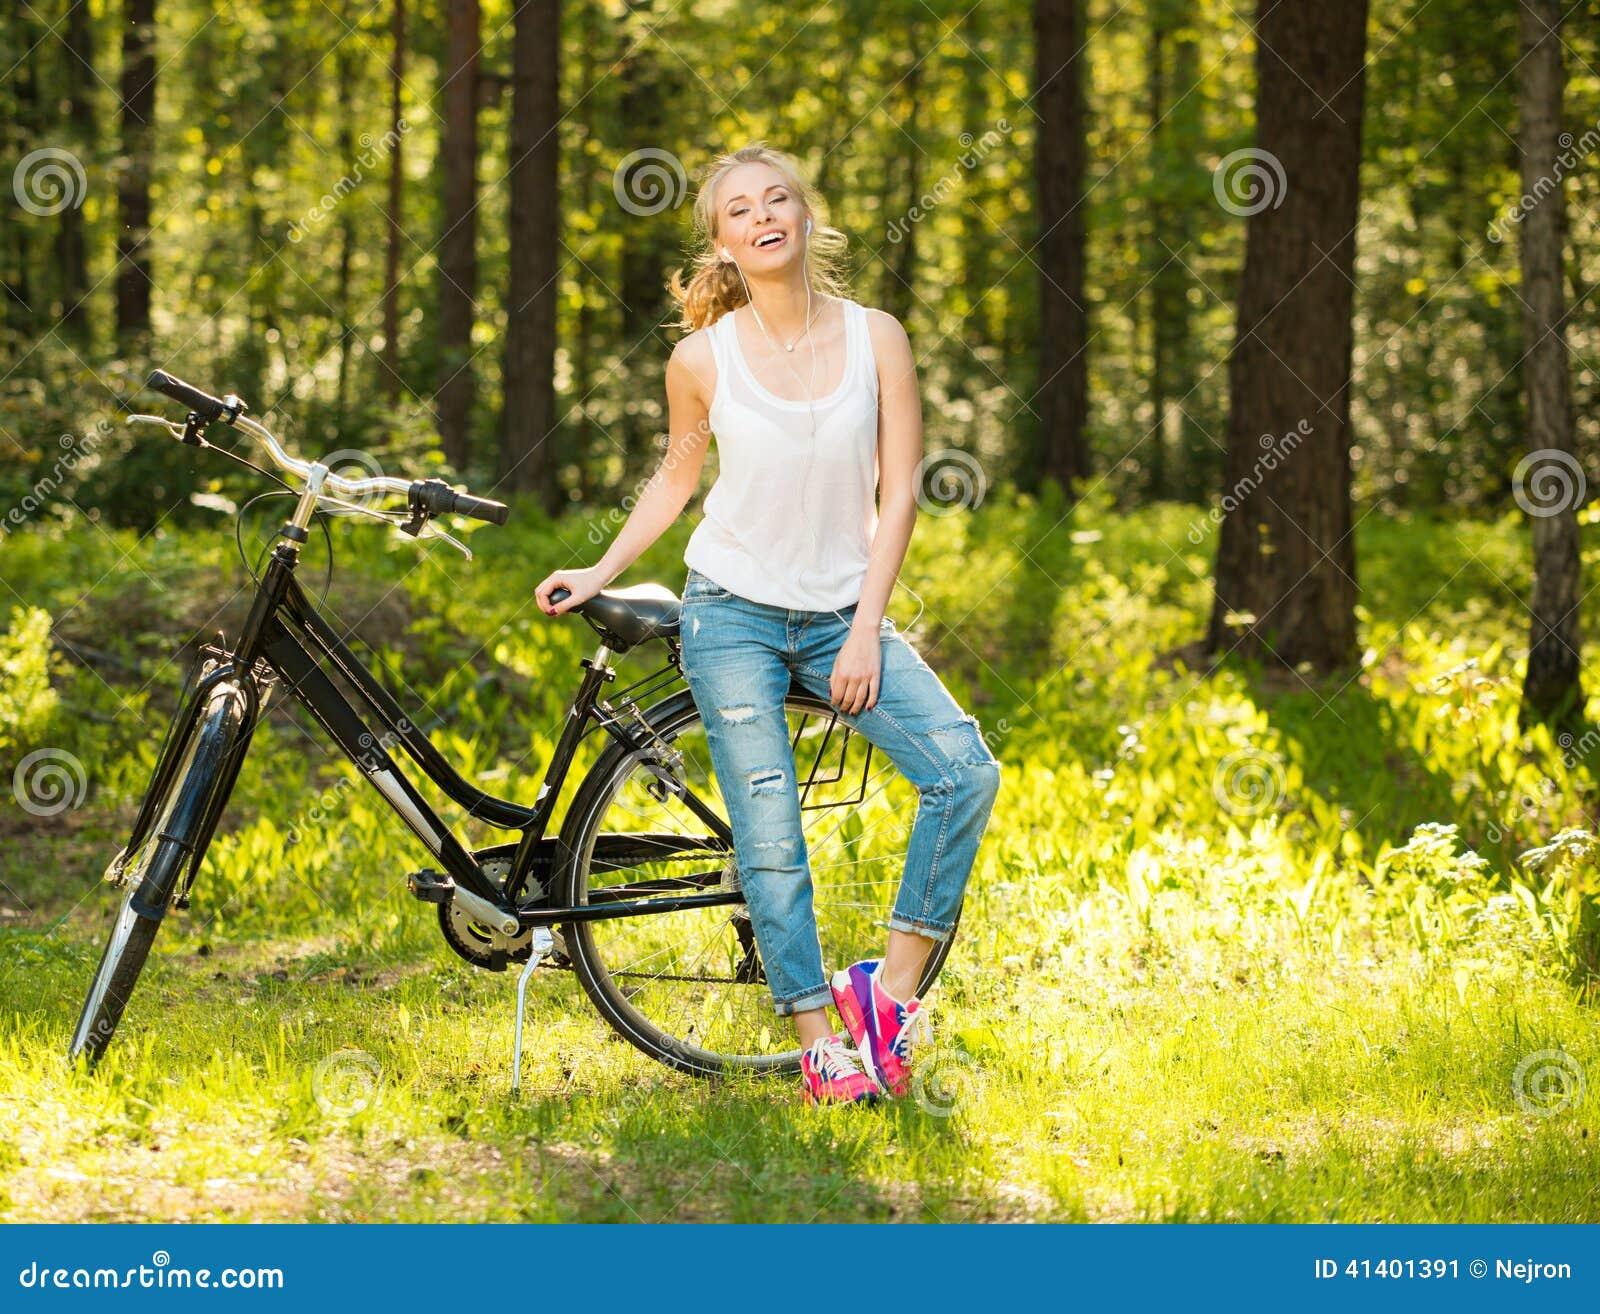 Tonårs- flicka med cykeln